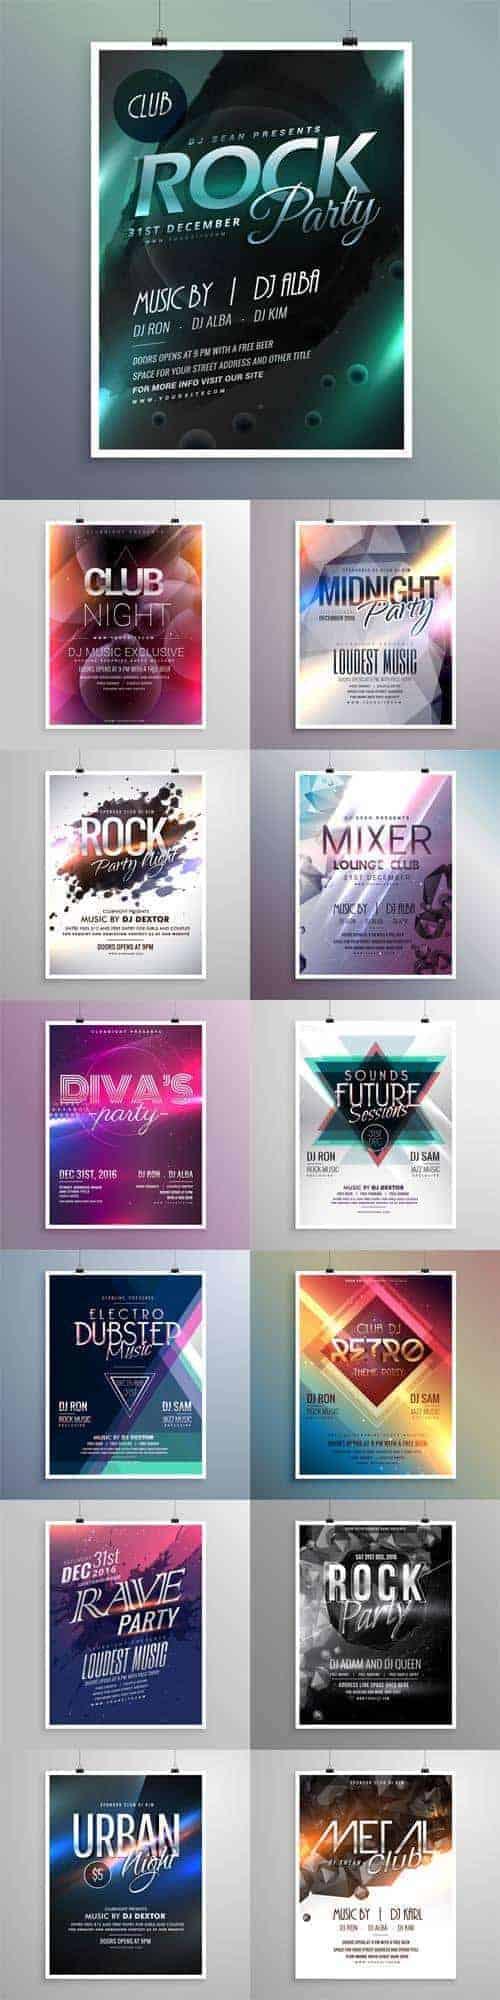 Вектор – Клубная Музыка, Плакаты, Листовки